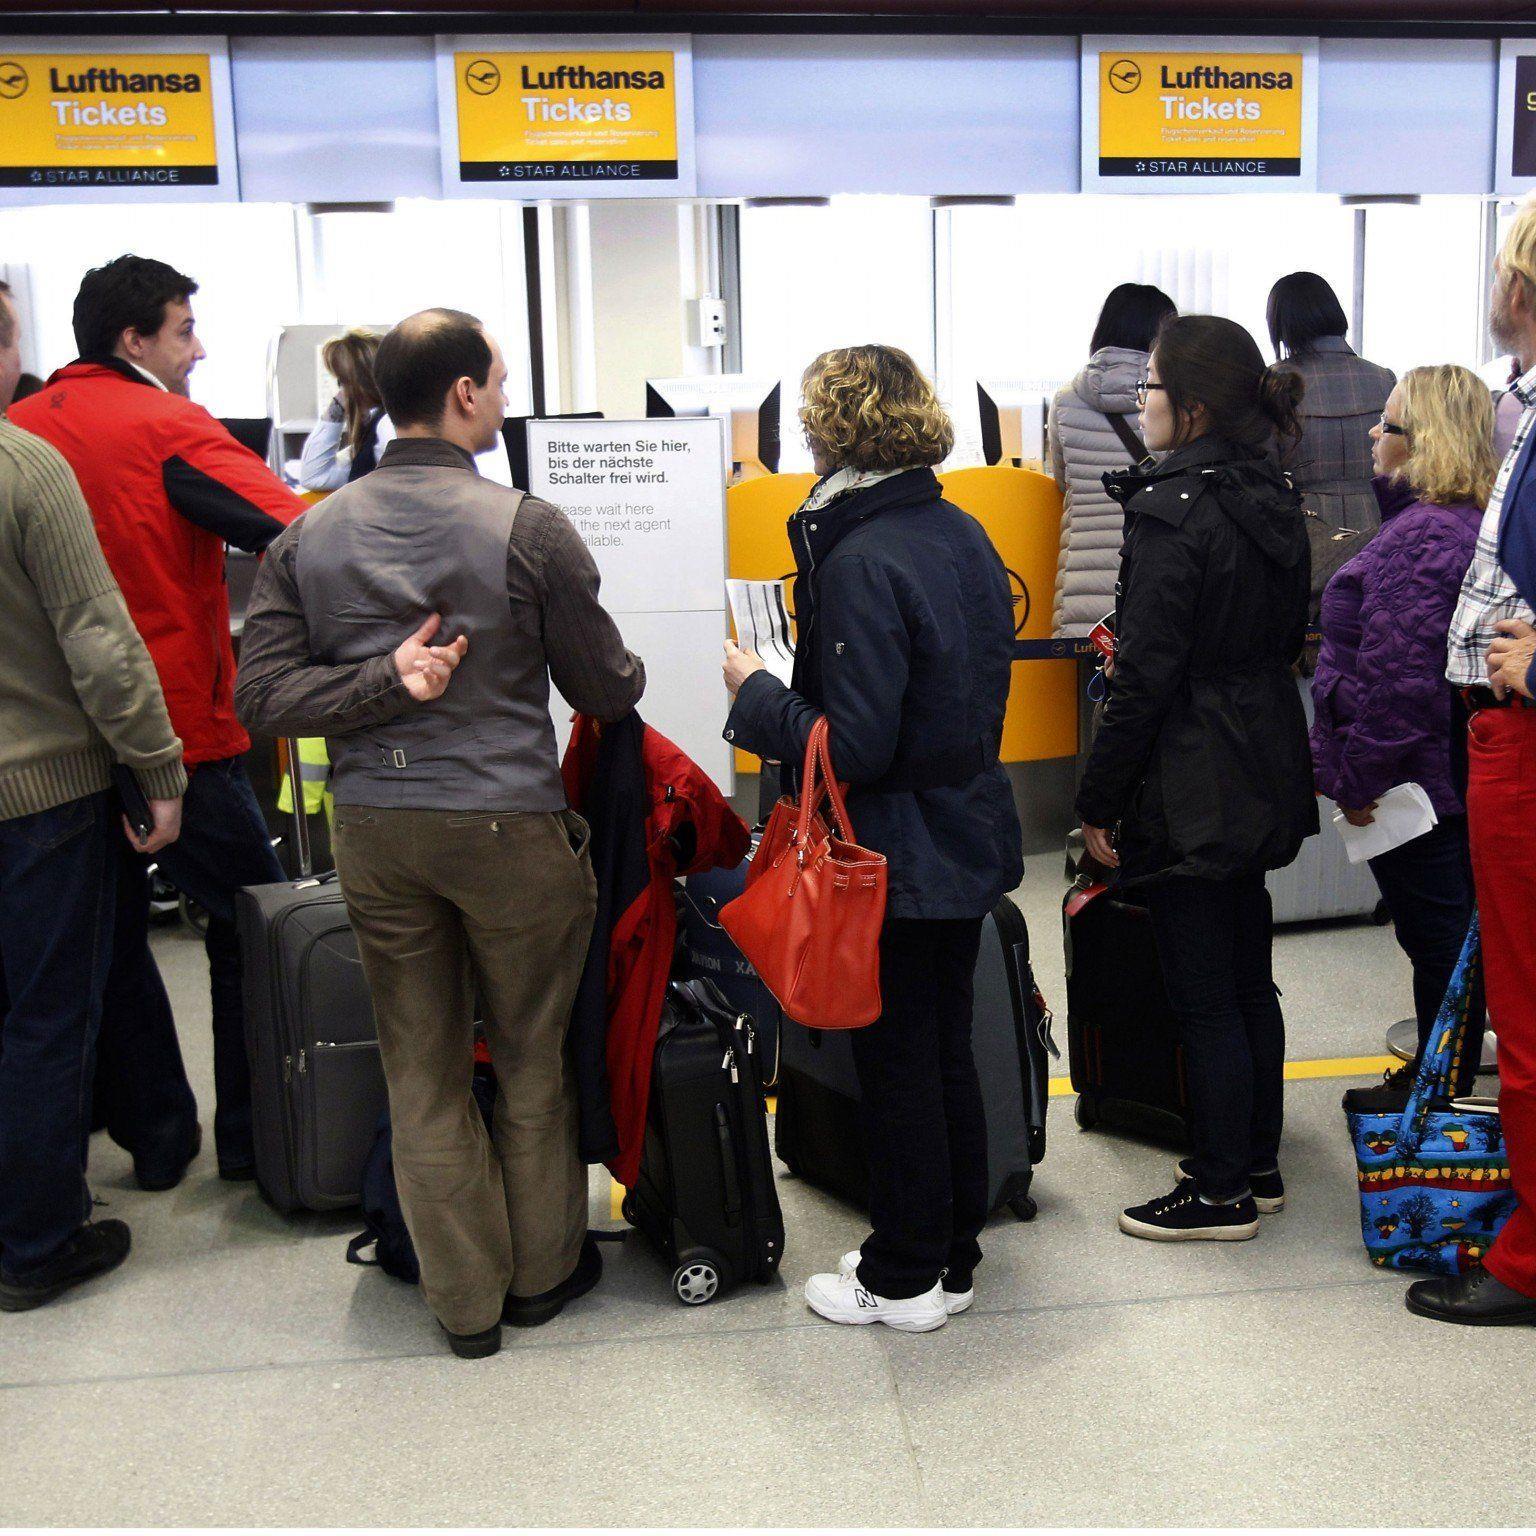 Bis zu 35 Lufthansa-Verbindungen mit Österreich betroffen.